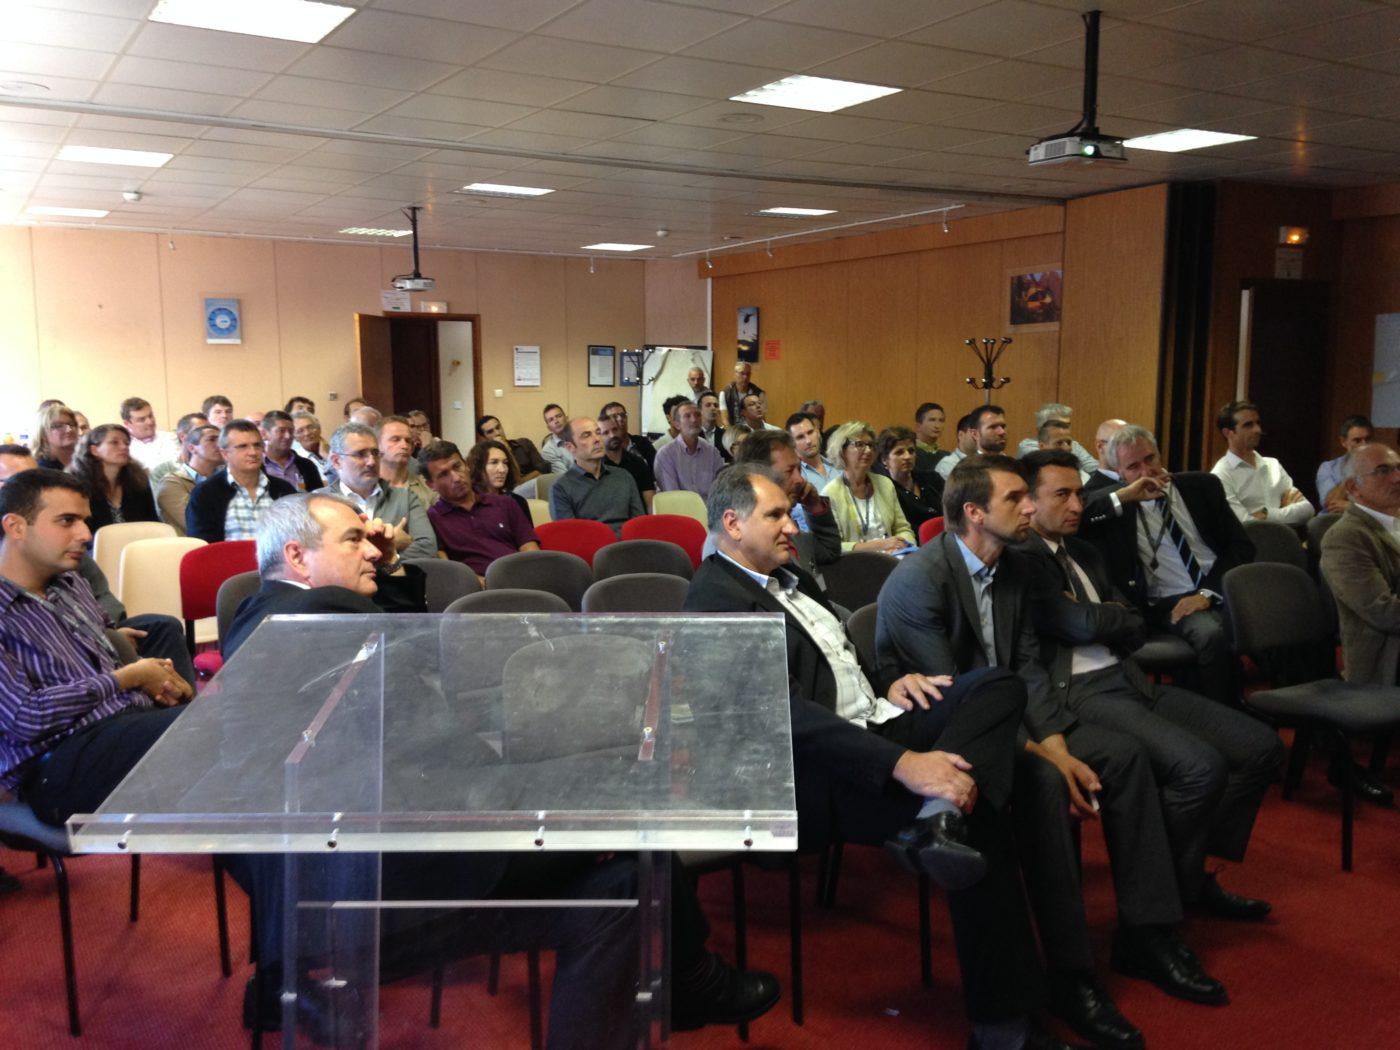 Intervention-sportif-haut-niveau-entreprise-marc-lievremont-conference-coaching-pays-basque-sud-ouest-bordeaux-toulouse-3